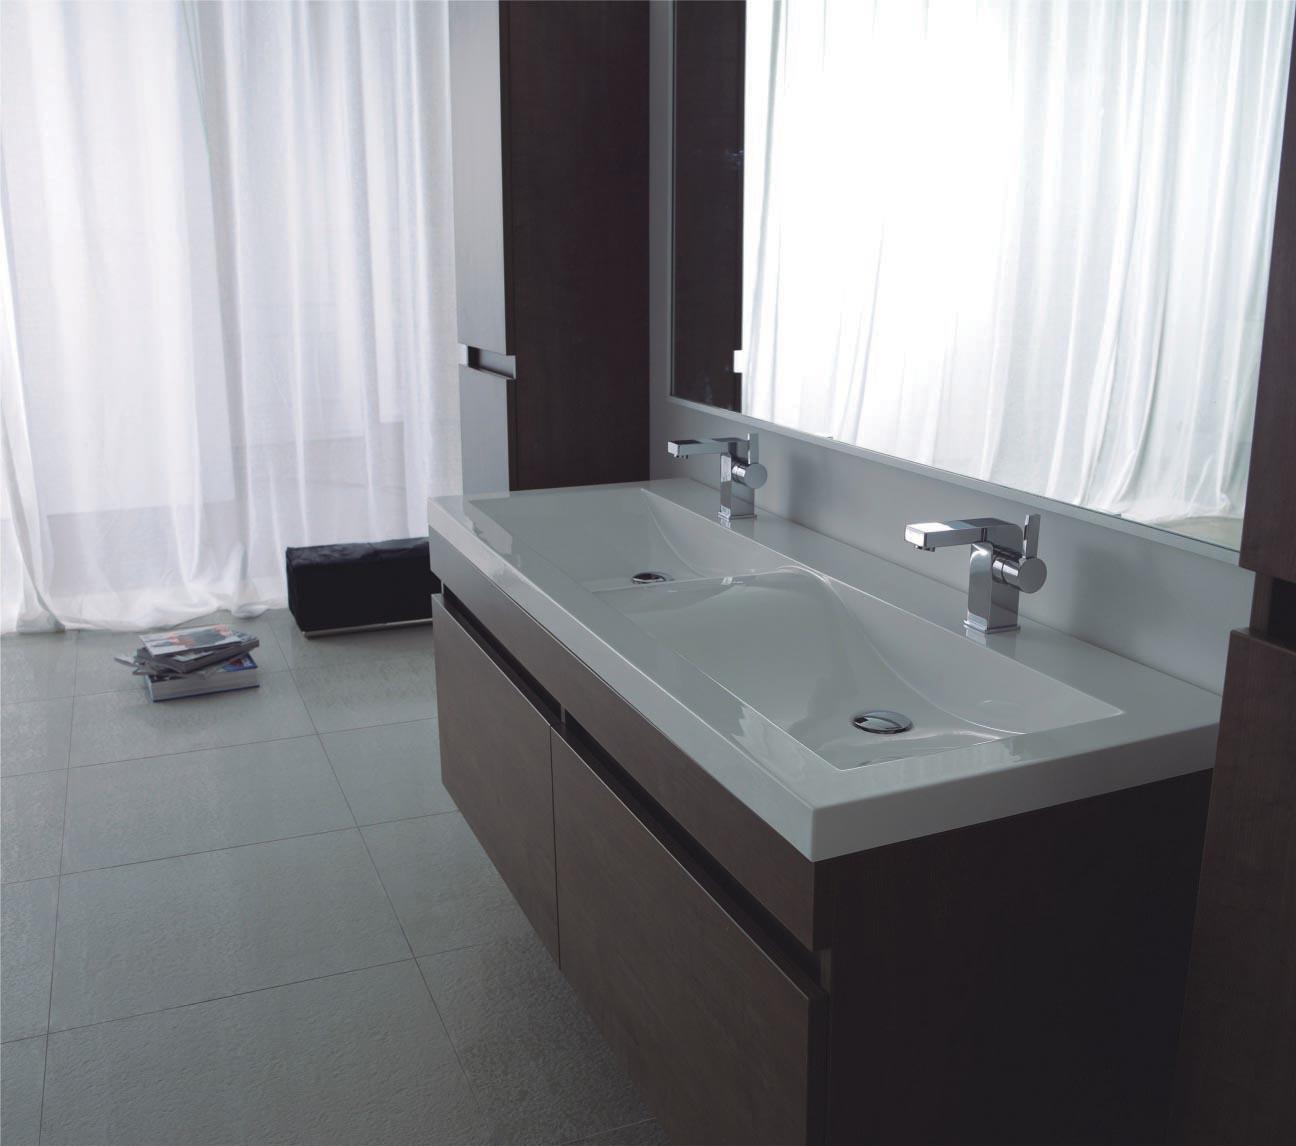 badm bel waschplatz waschtisch doppelwaschtisch luxor ebay. Black Bedroom Furniture Sets. Home Design Ideas